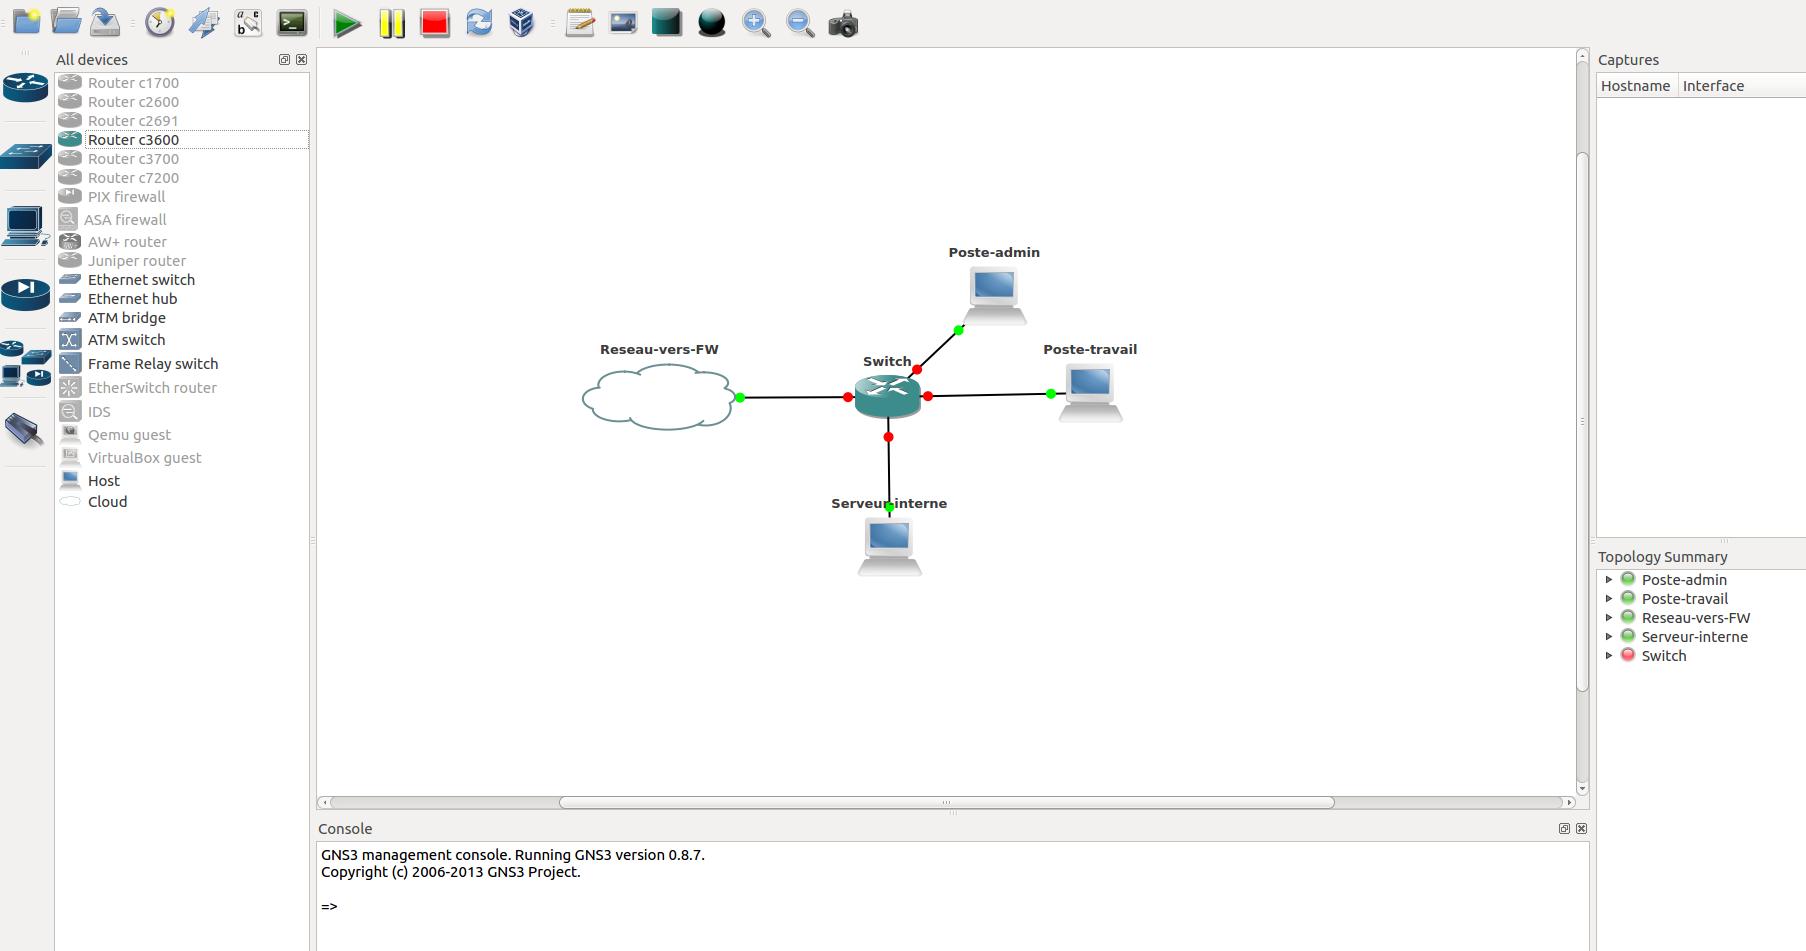 """Schéma de la topologie GNS3 avec un switch et 3 postes. Le schéma montre un switch central connecté à un poste-admin, un poste-travail et un serveur-interne. De plus, le switch est connecté au réseau """"vers FW""""."""